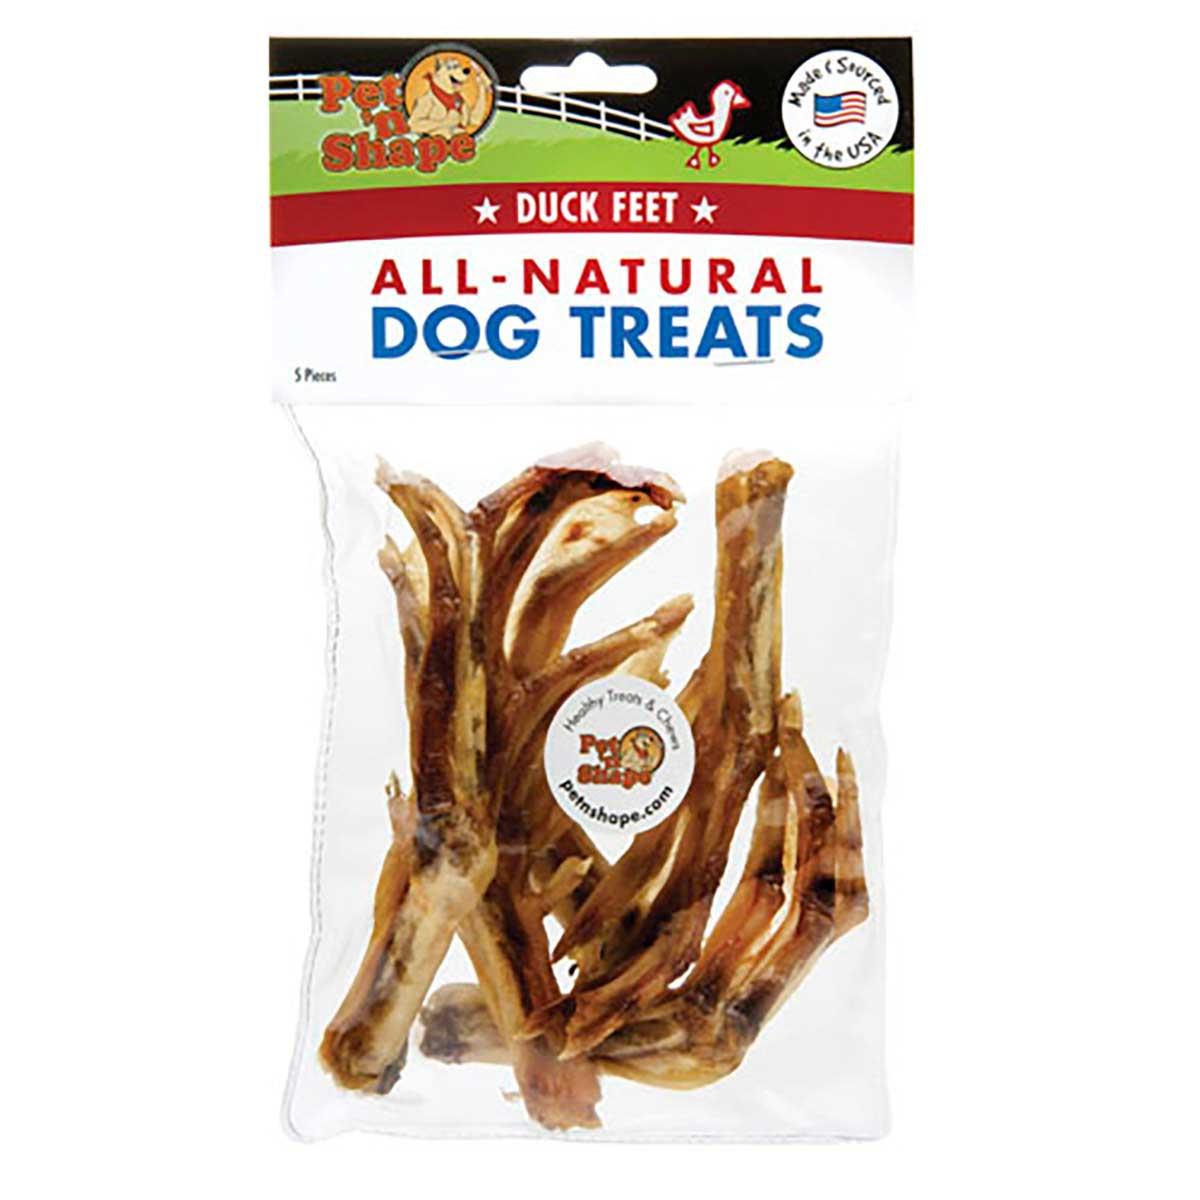 Pet 'n Shape Natural Duck Feet Dog Treats 5 Pack Bag